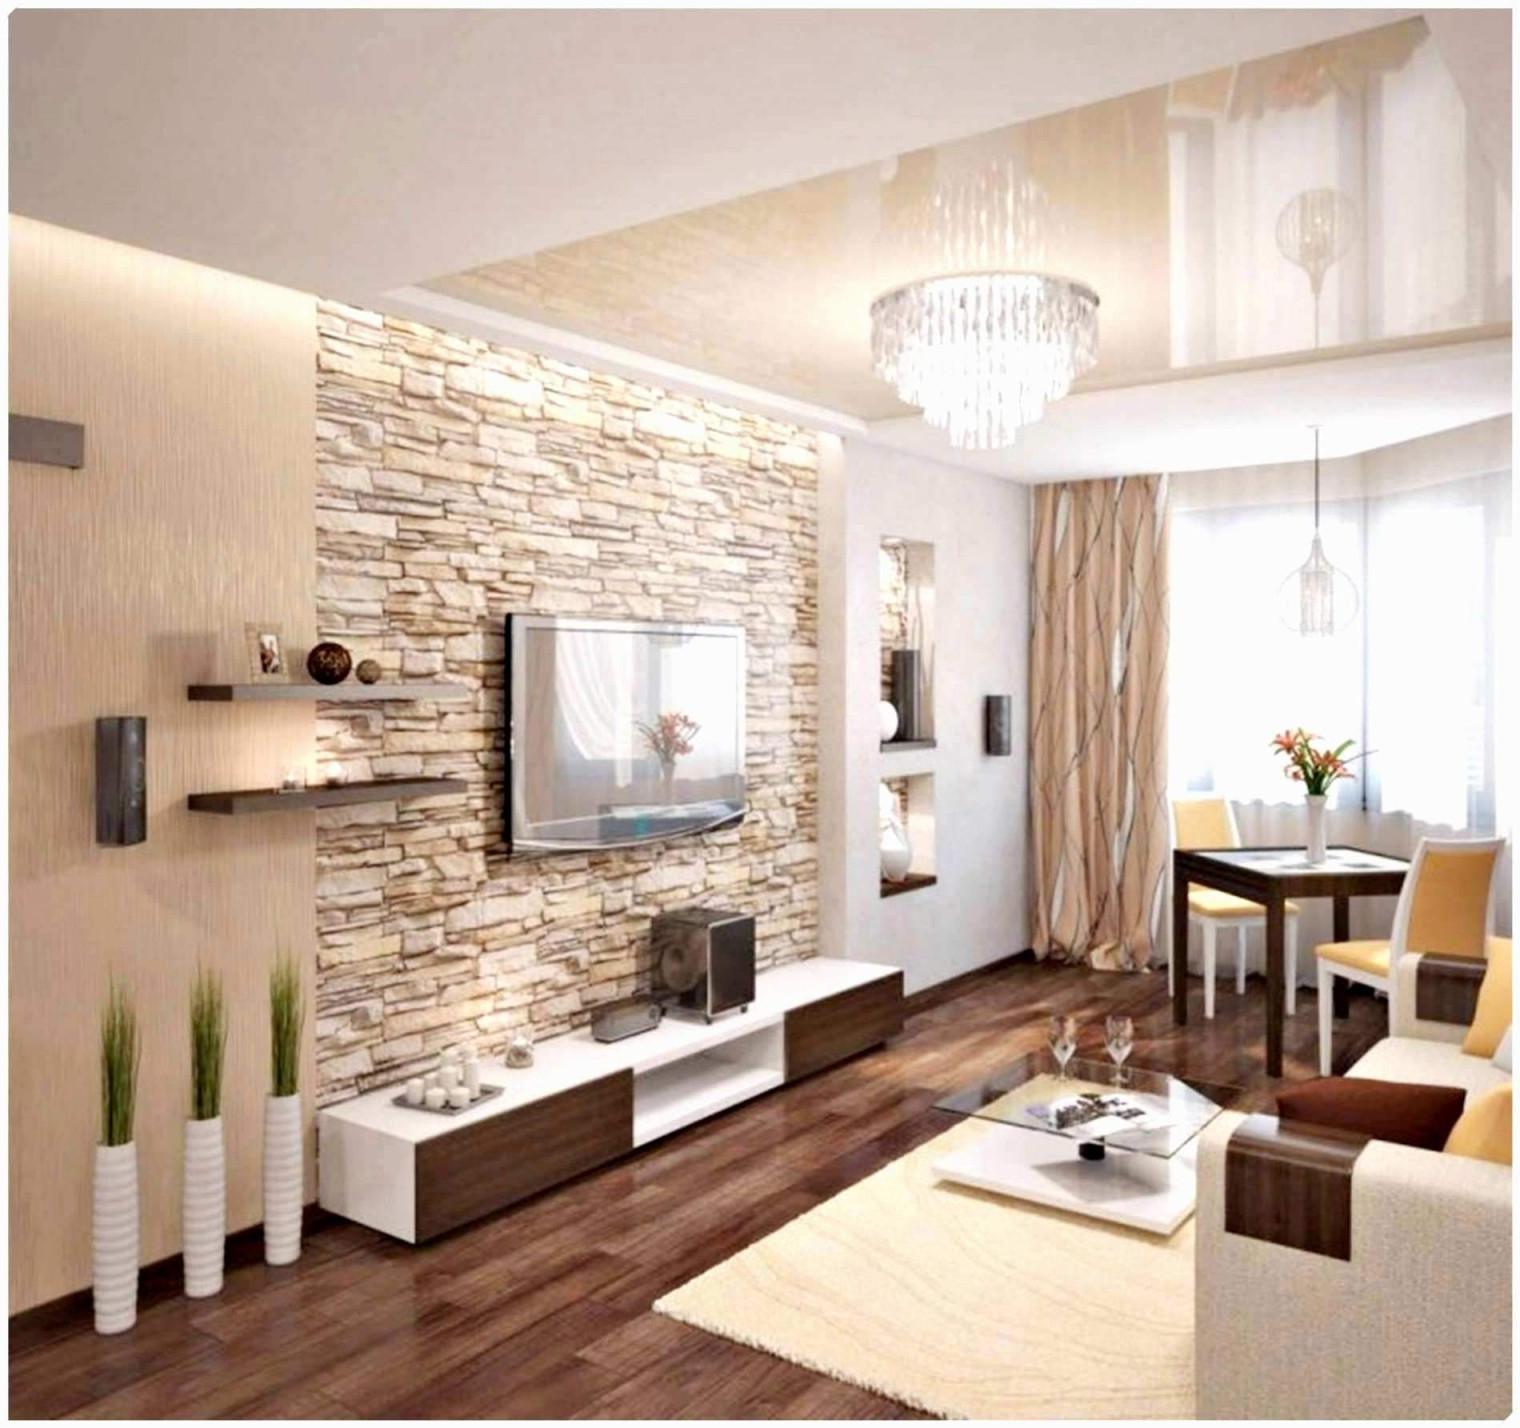 39 Einzigartig Wohnzimmer Tapeten Ideen Modern Das Beste Von von Tapezier Ideen Wohnzimmer Photo